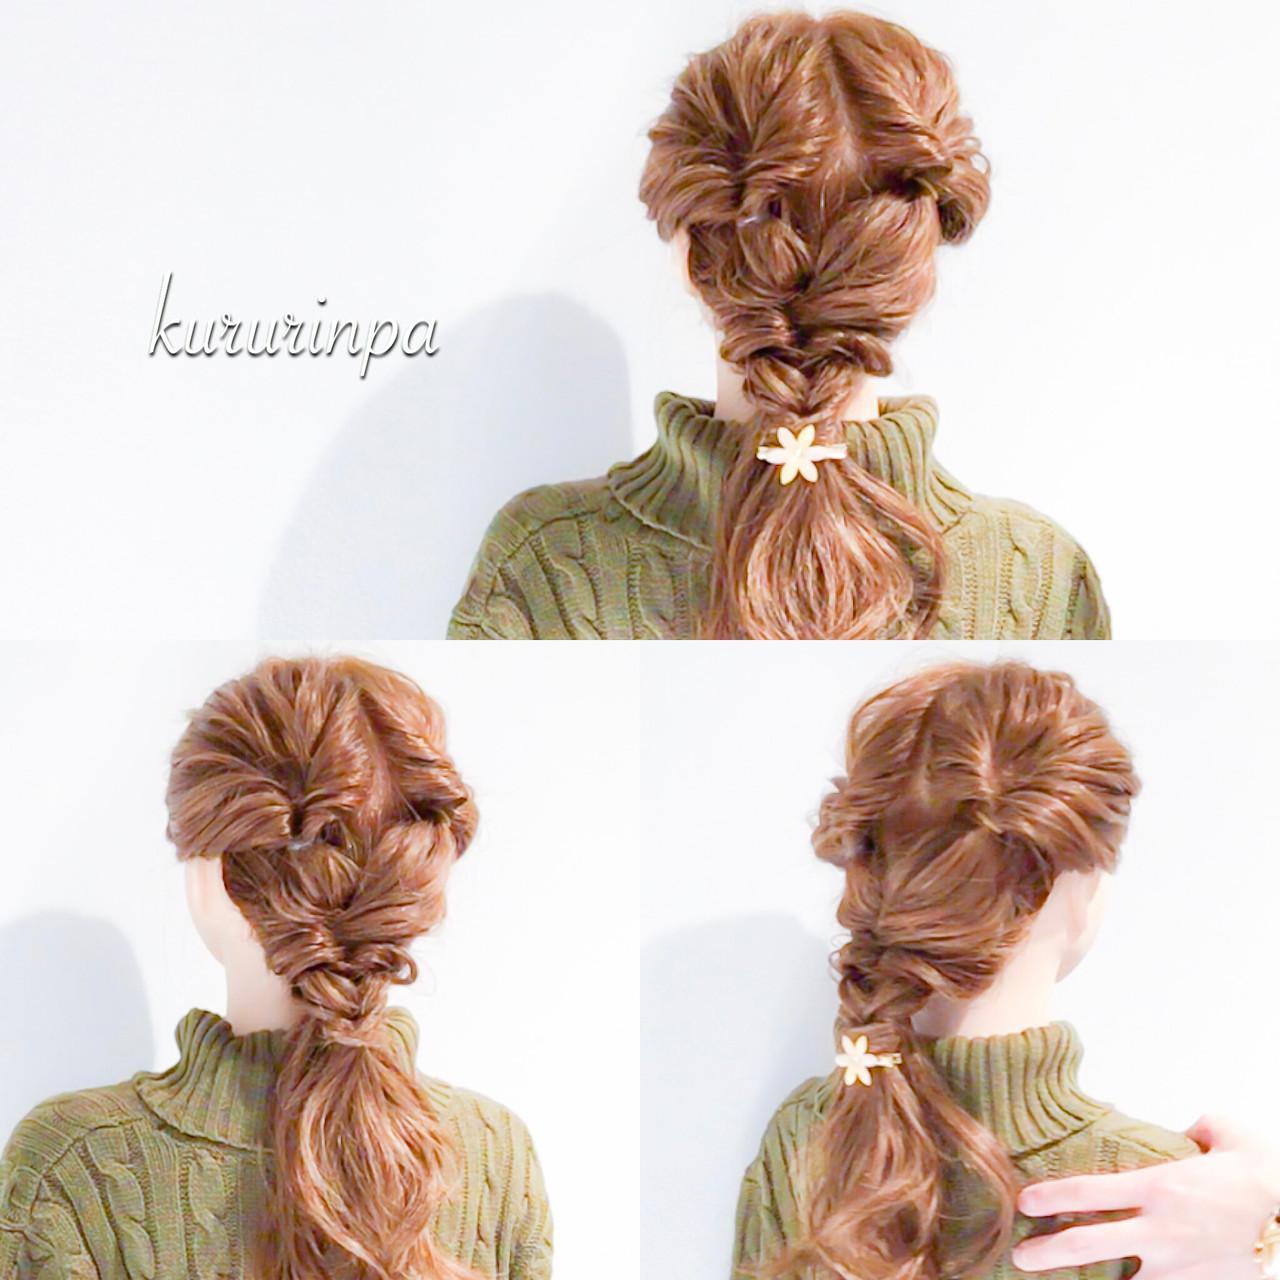 ロング デート 結婚式 簡単ヘアアレンジ ヘアスタイルや髪型の写真・画像 | 美容師HIRO/Amoute代表 / Amoute/アムティ